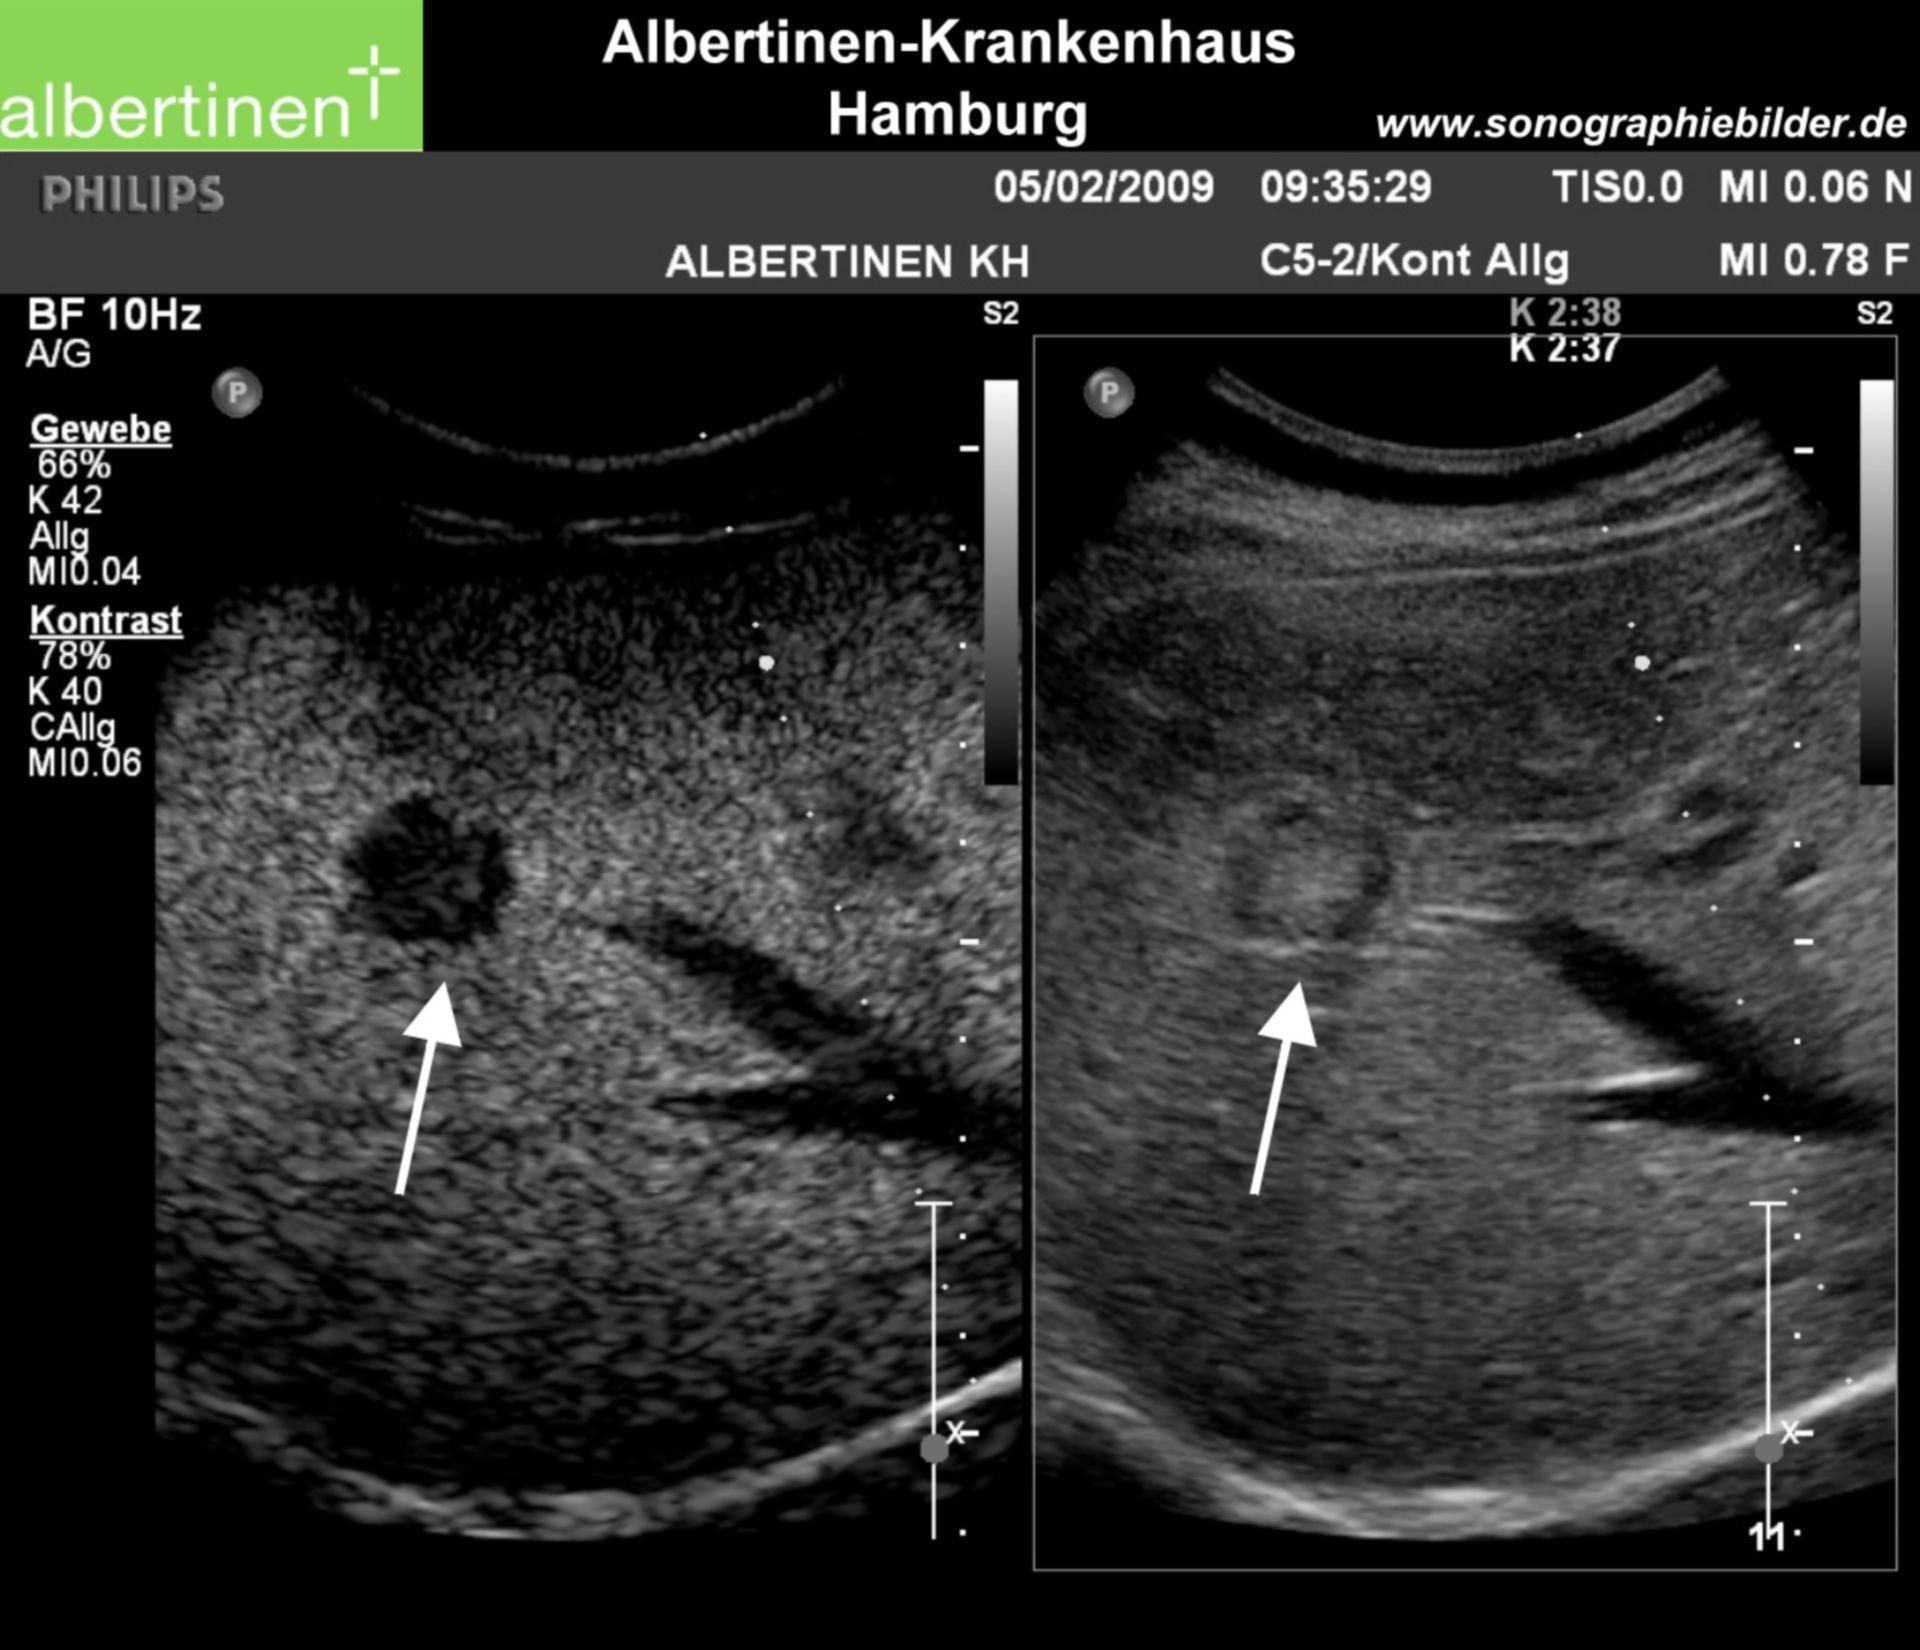 Liver metastasis, contrast sonography, arrows